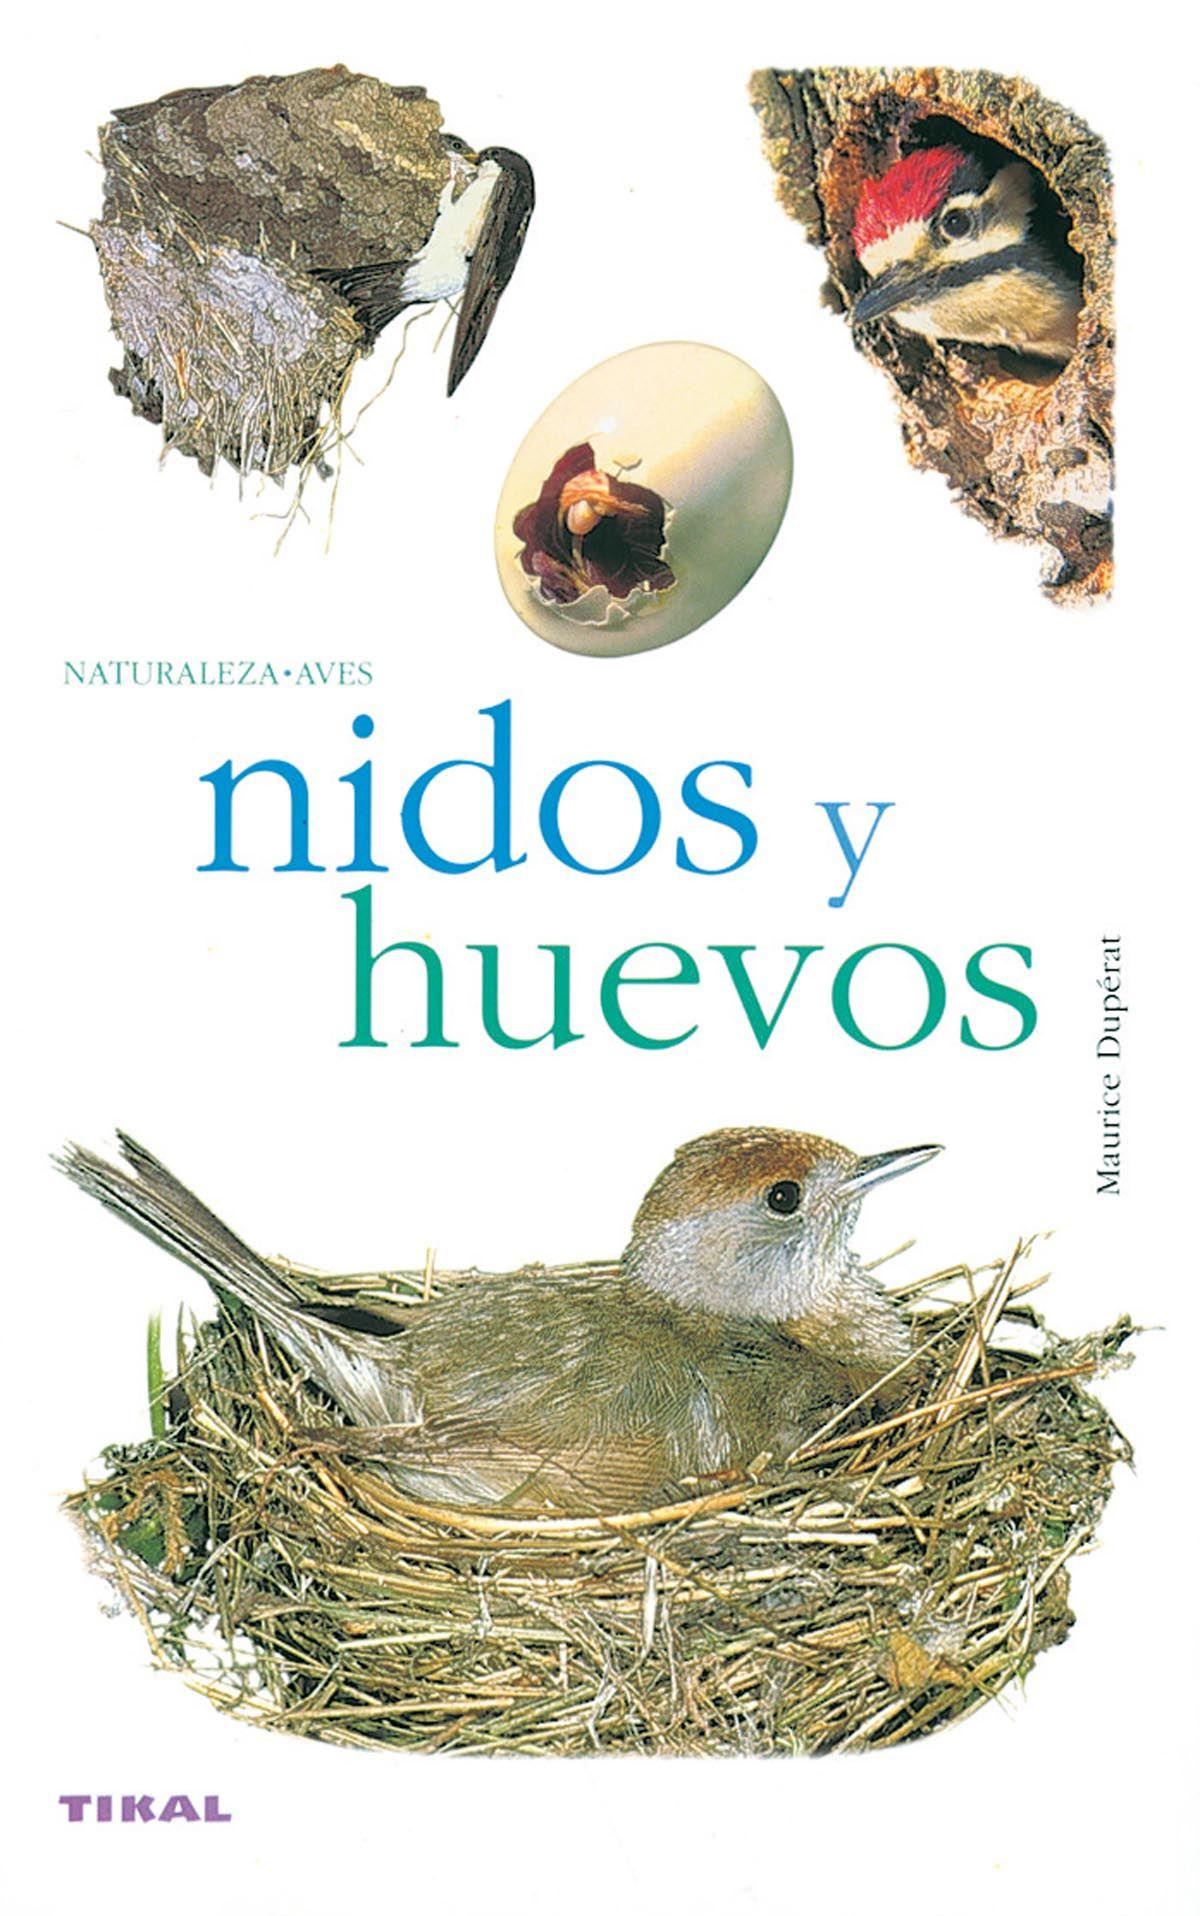 NIDOS Y HUEVOS